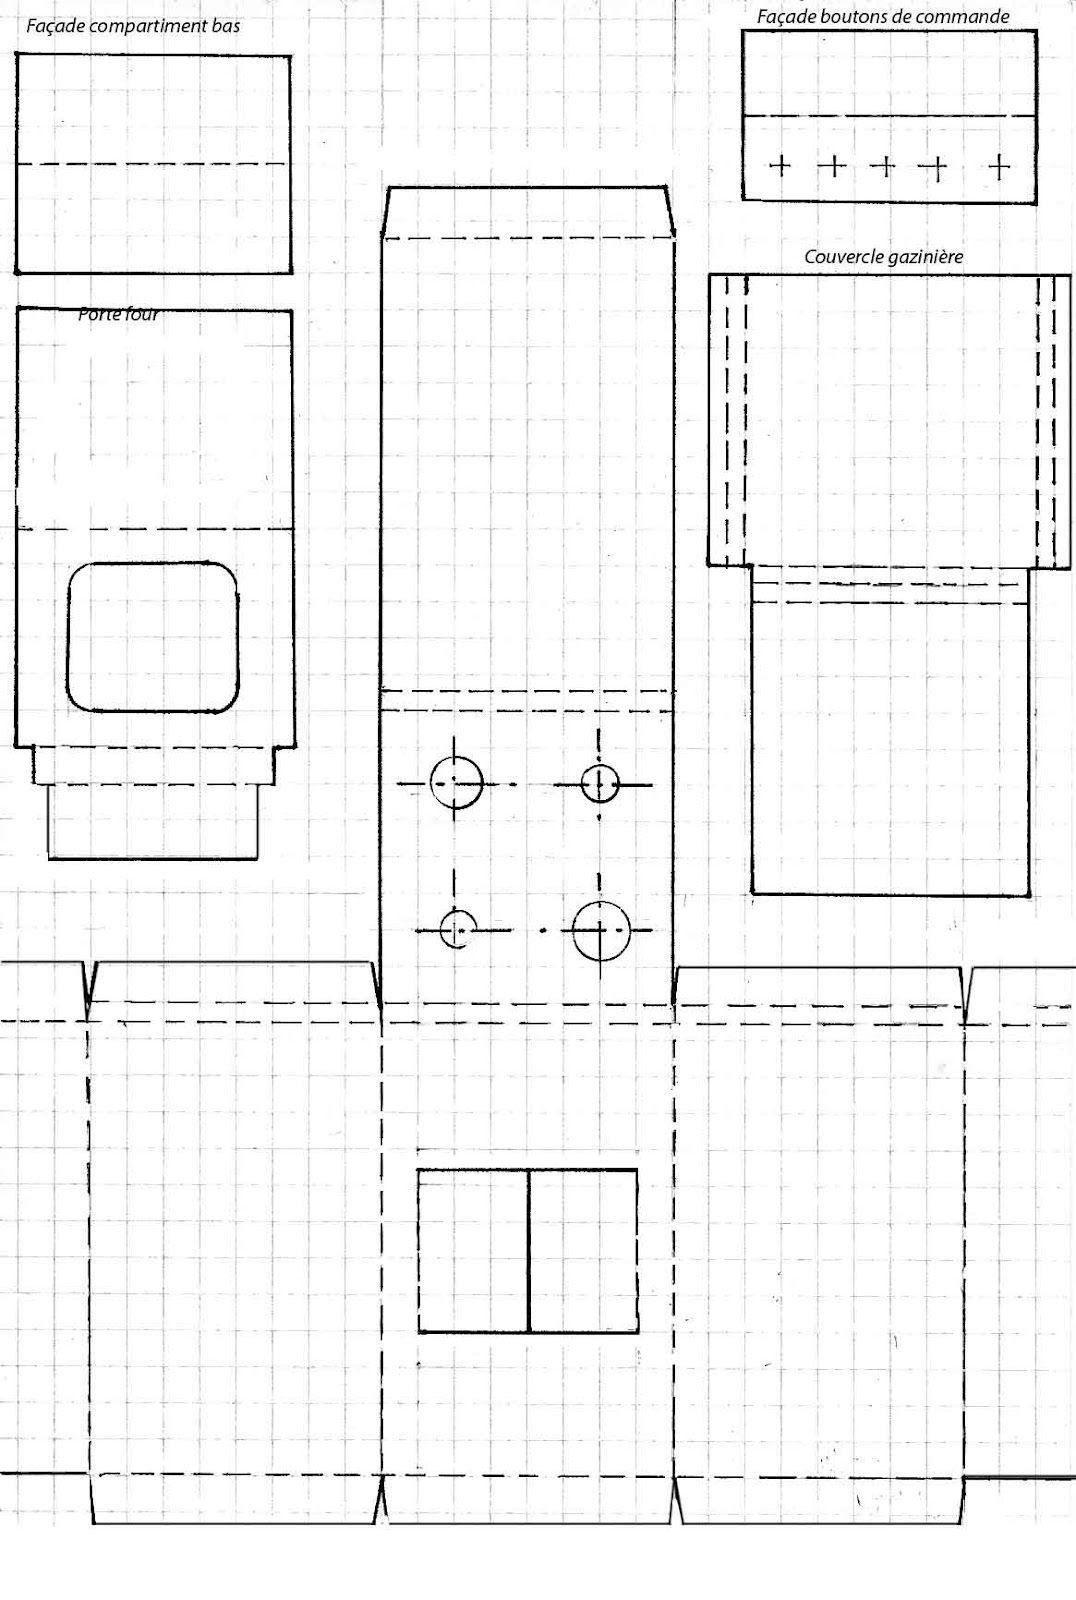 patron cocina dollhouse tutoriales pinterest imprimables am nagement int rieur maison et. Black Bedroom Furniture Sets. Home Design Ideas